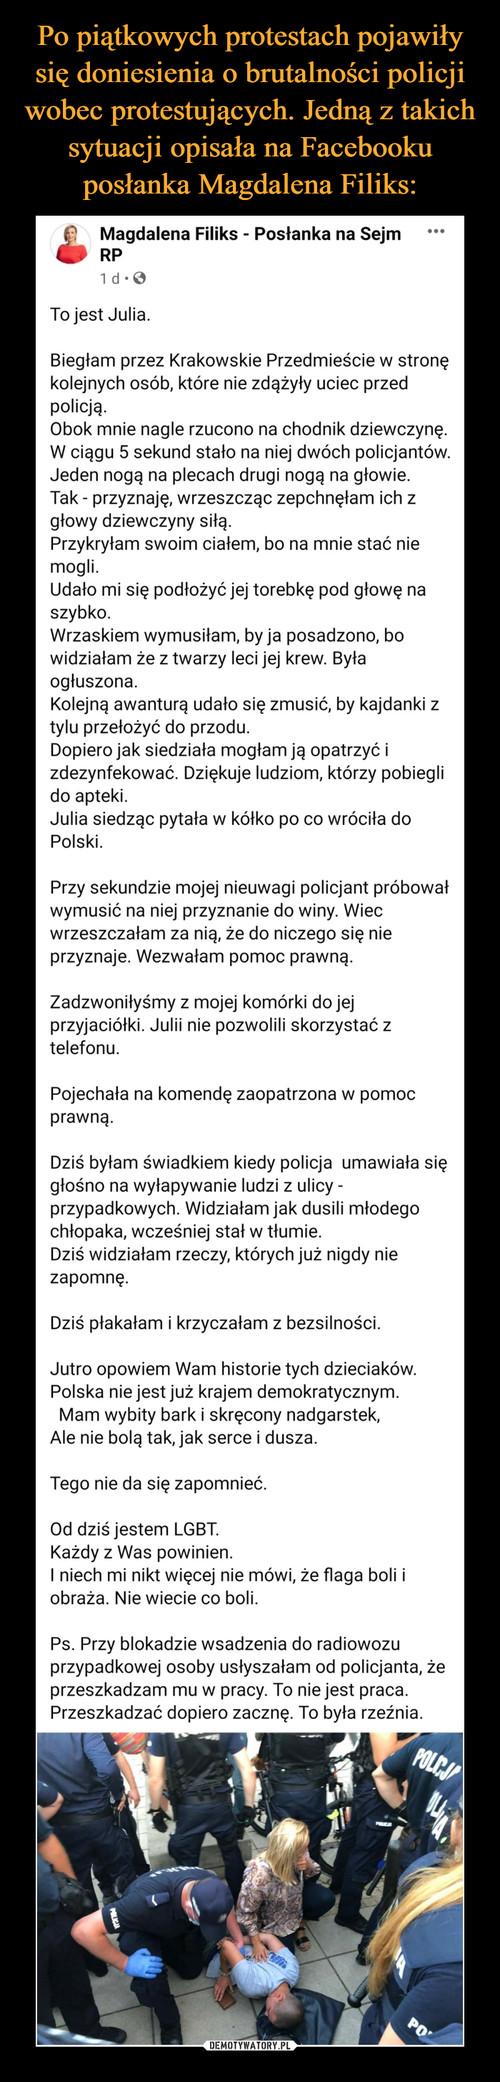 Po piątkowych protestach pojawiły się doniesienia o brutalności policji wobec protestujących. Jedną z takich sytuacji opisała na Facebooku posłanka Magdalena Filiks: